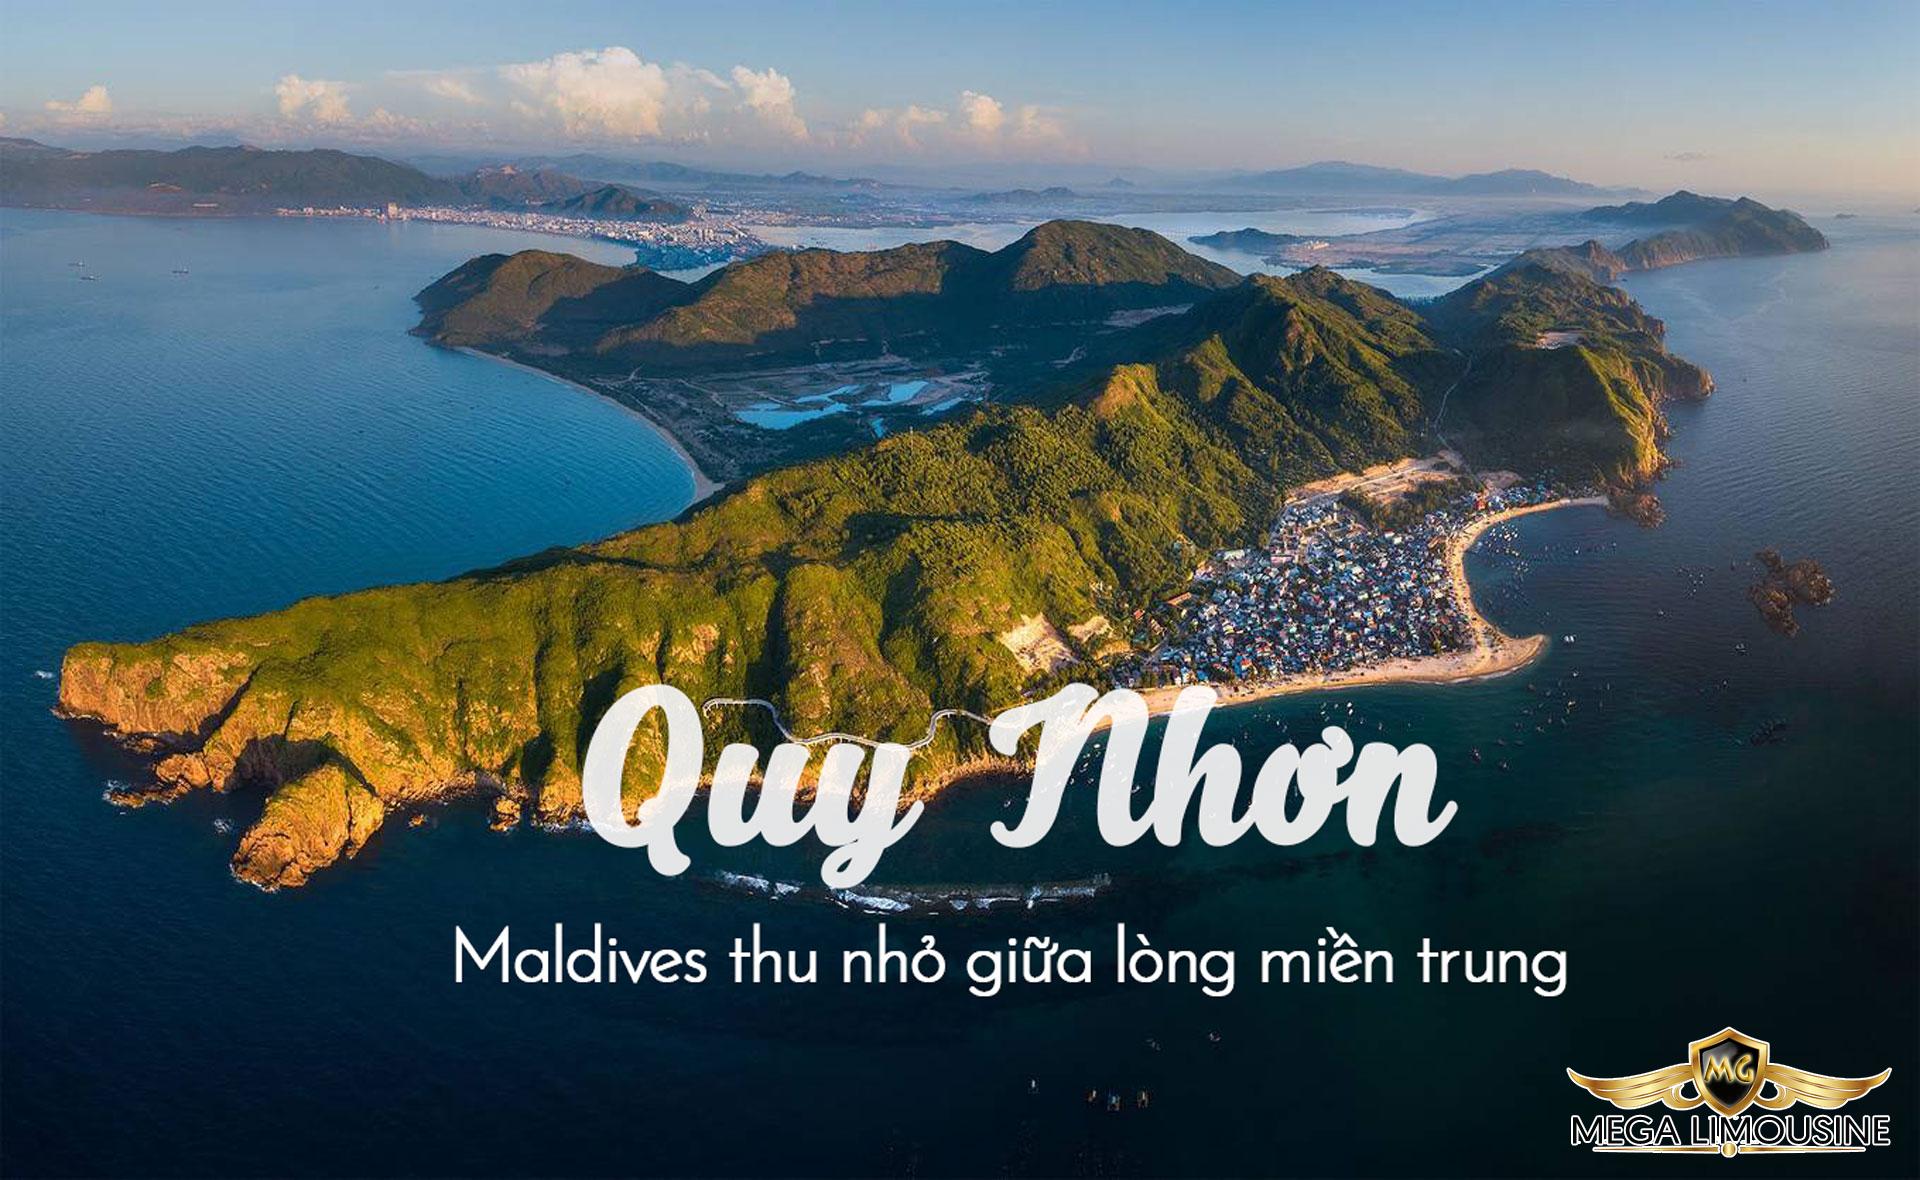 Xe Sài Gòn đi Quy Nhơn - Quy Nhơn đẹp đến mê hồn !